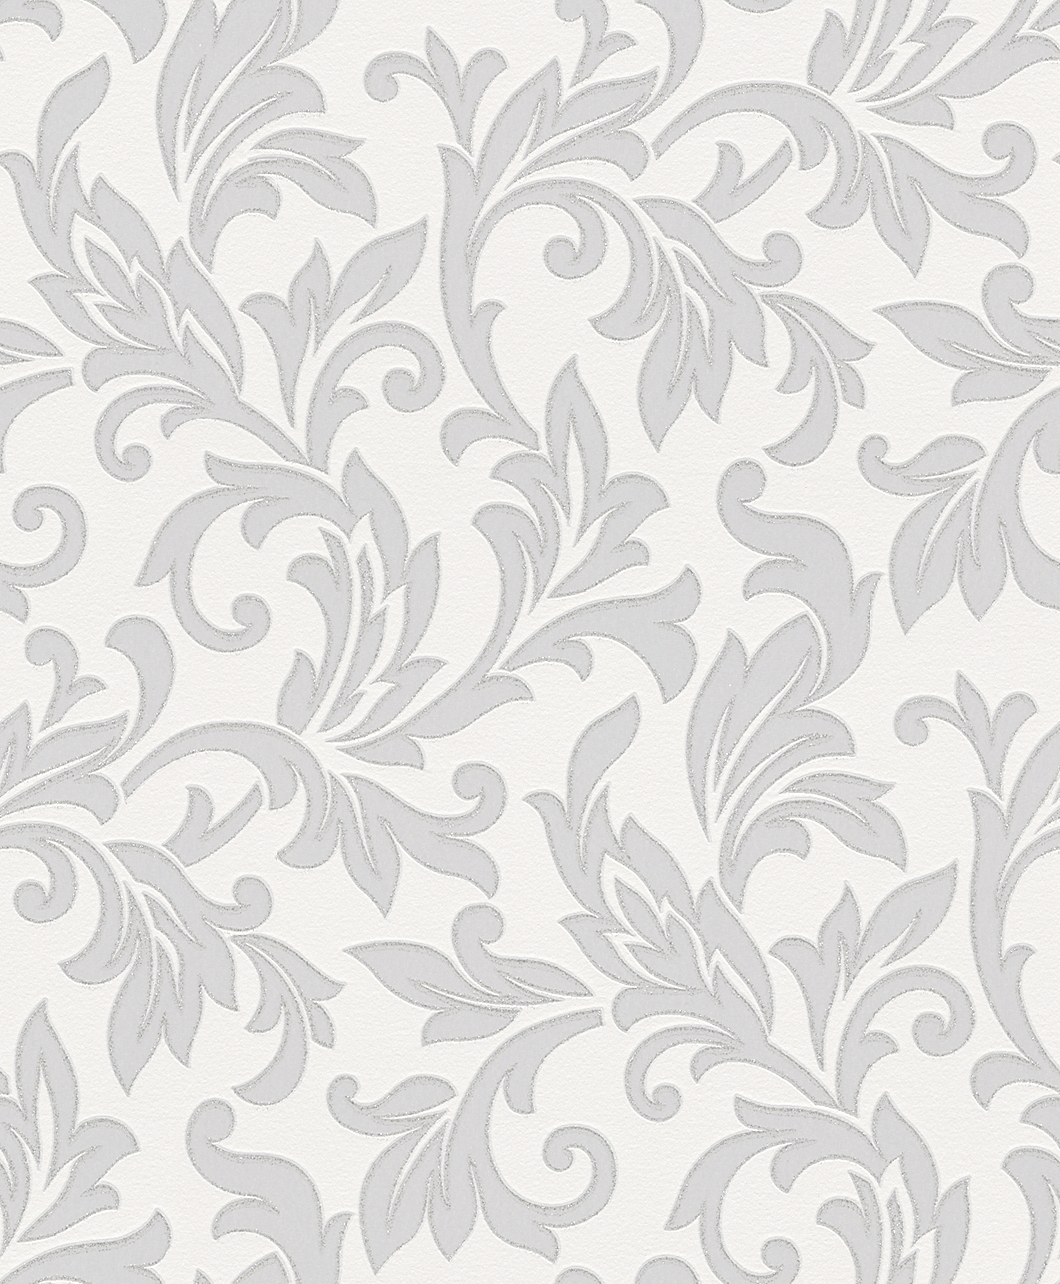 Tapeta na zeď Rasch Shiny Chic 309812 | 0,53 x 10,05 m (Vinylová tapeta - bílá, šedá)